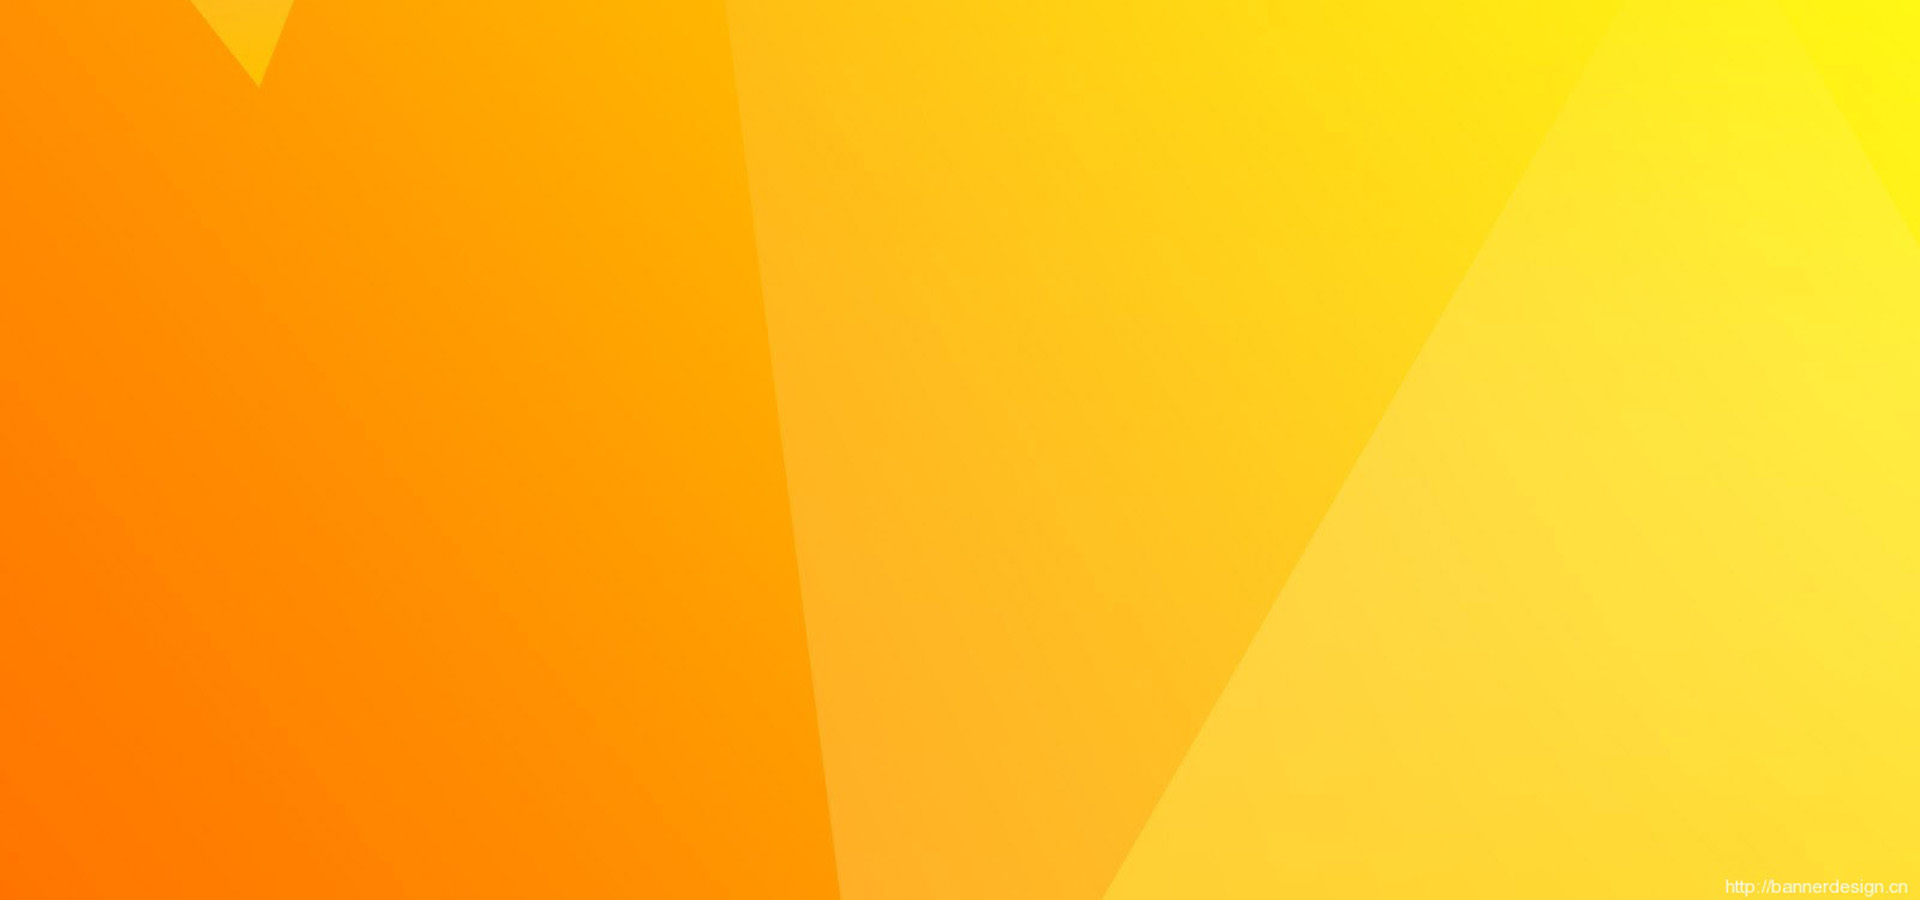 jaune de fond plat jaune plat g u00e9om u00e9trique image de fond